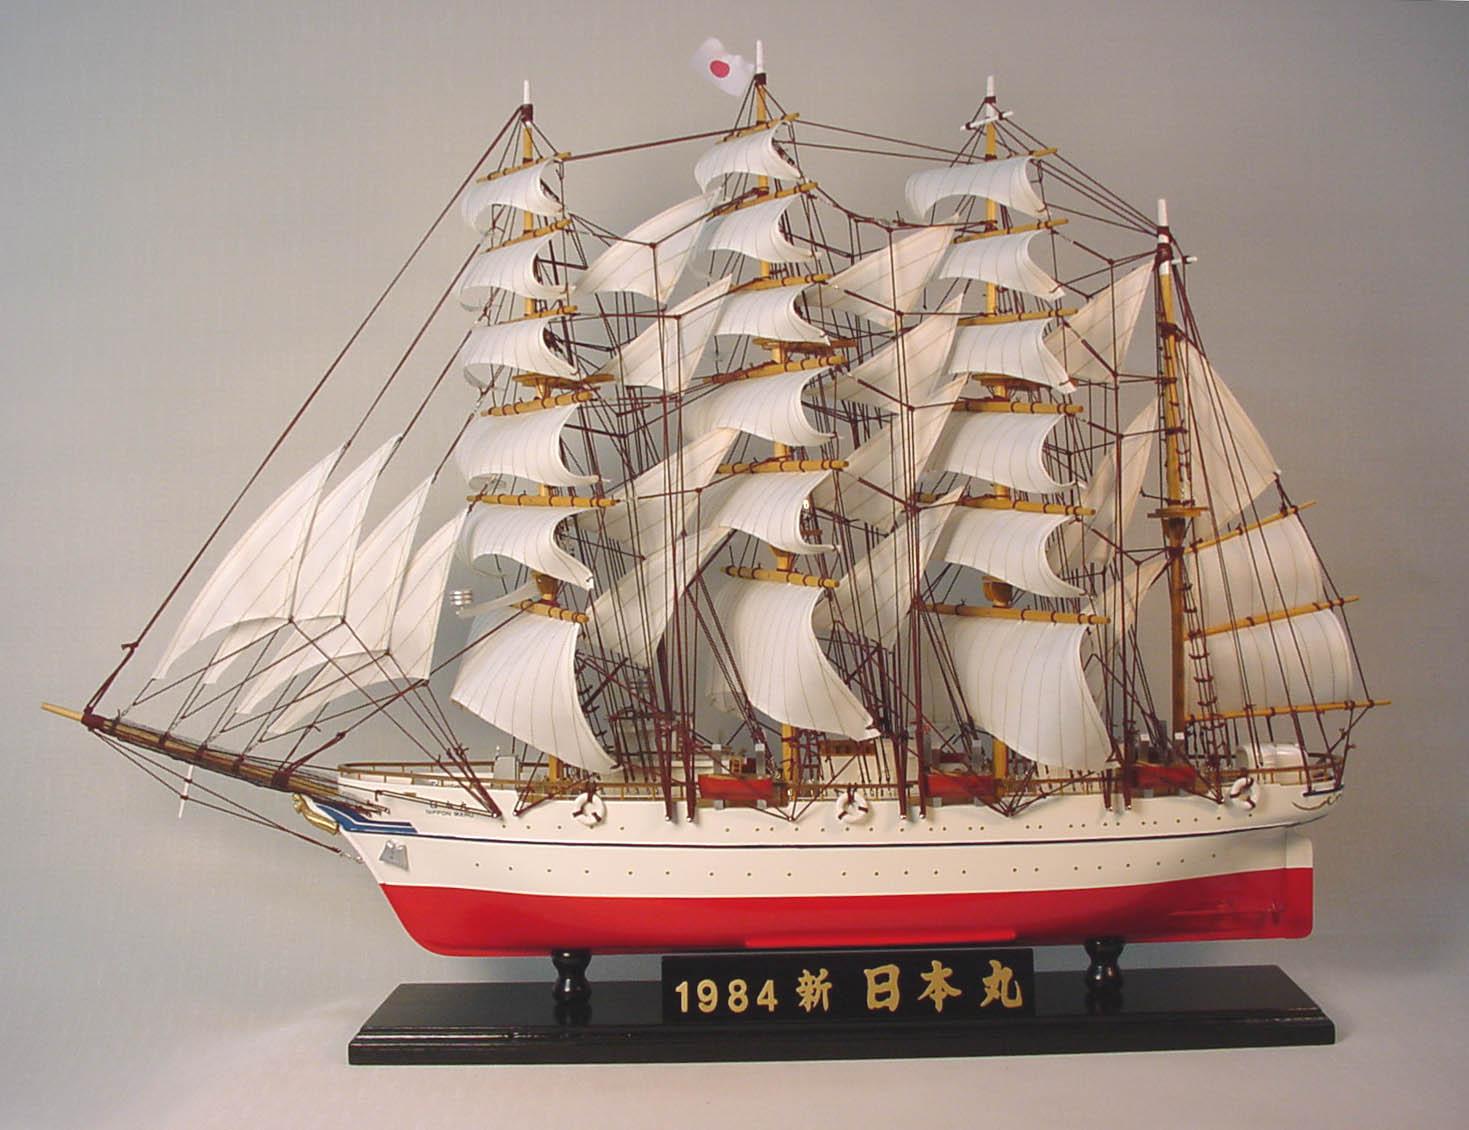 帆船模型 モデルシップ (完成品) No226 新日本丸 新築祝 開業祝 お祝い 門出【_のし】【_メッセ入力】